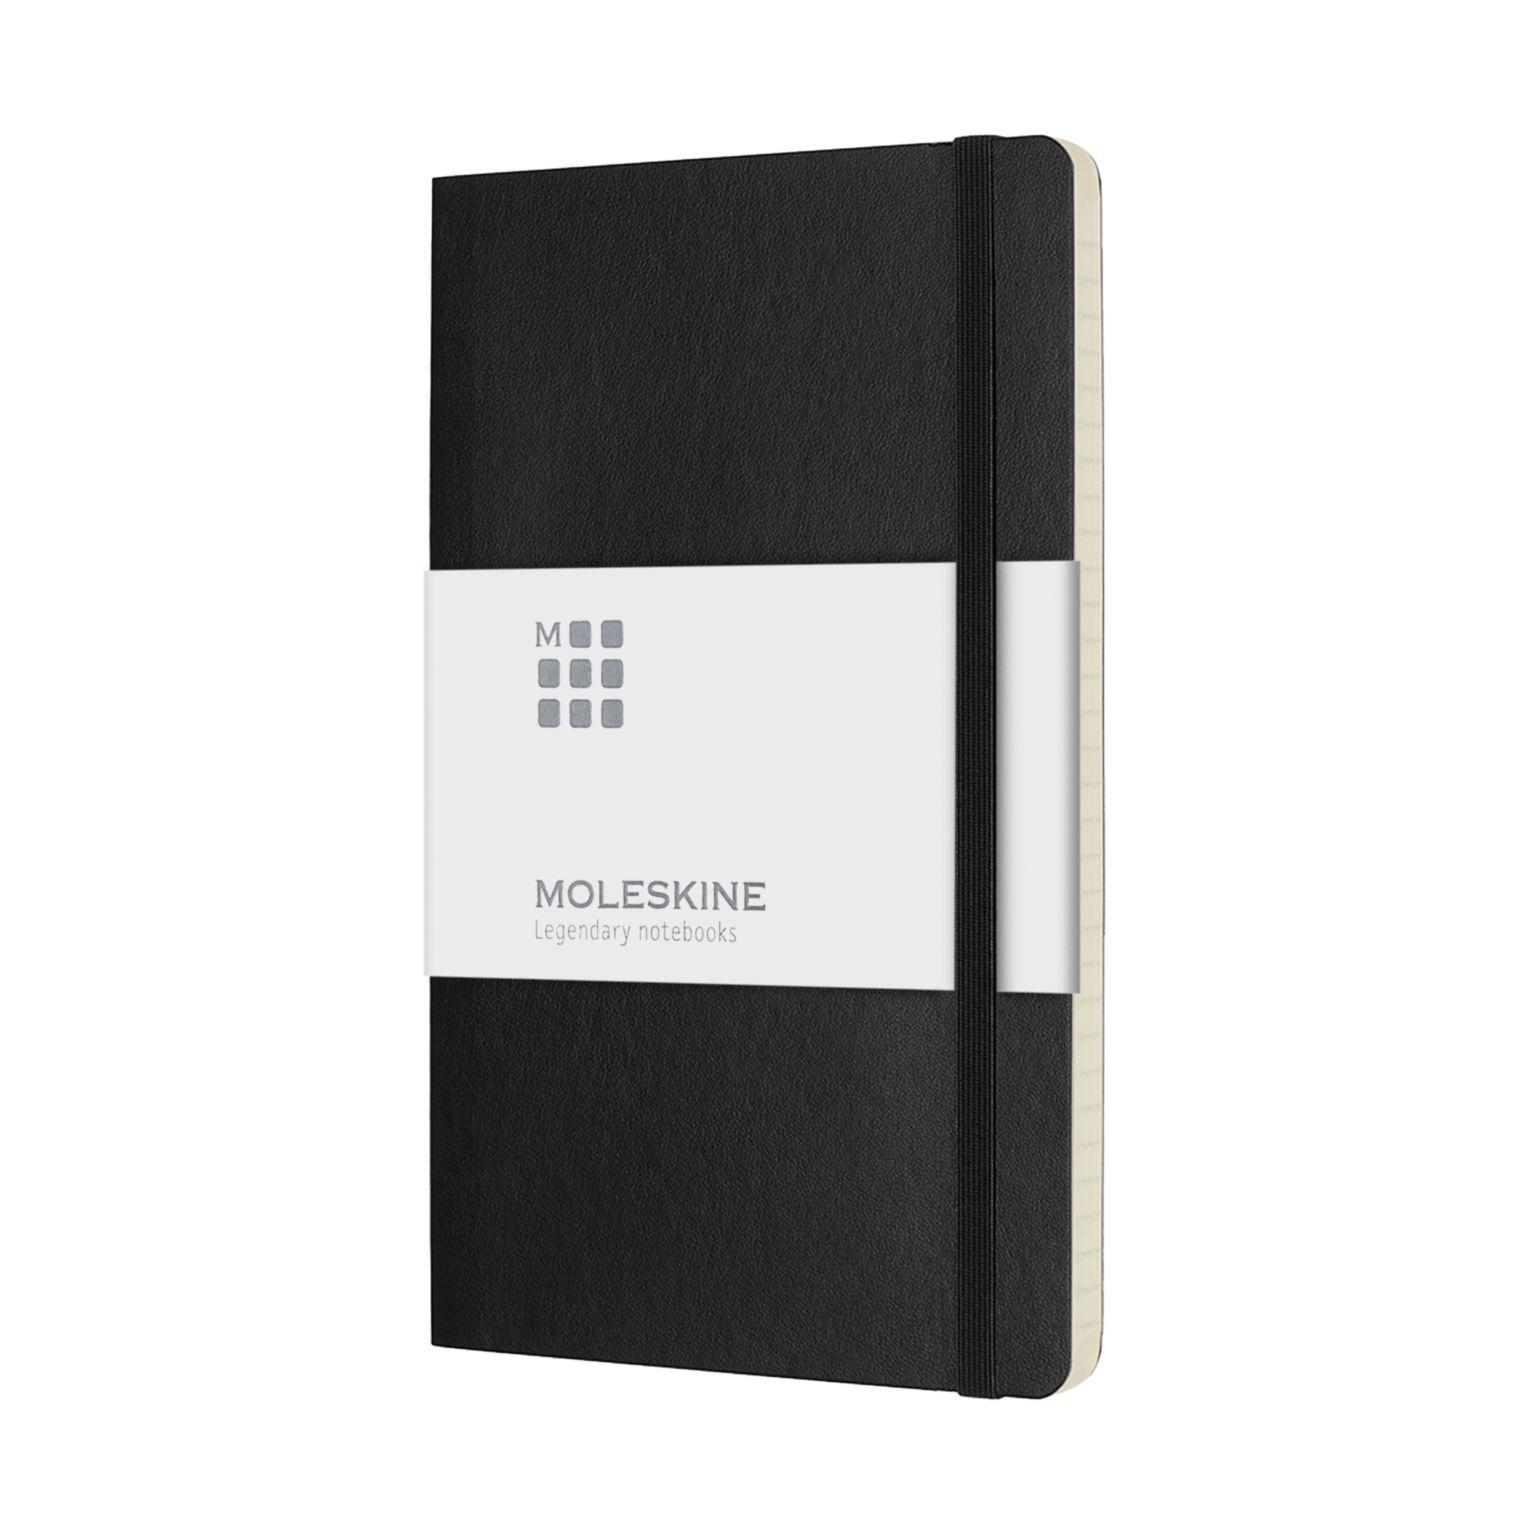 MOLESKINE® | Carnet de poche avec couverture souple et papier à rayures publicitaire personnalisé annecy génève chambéry lyon